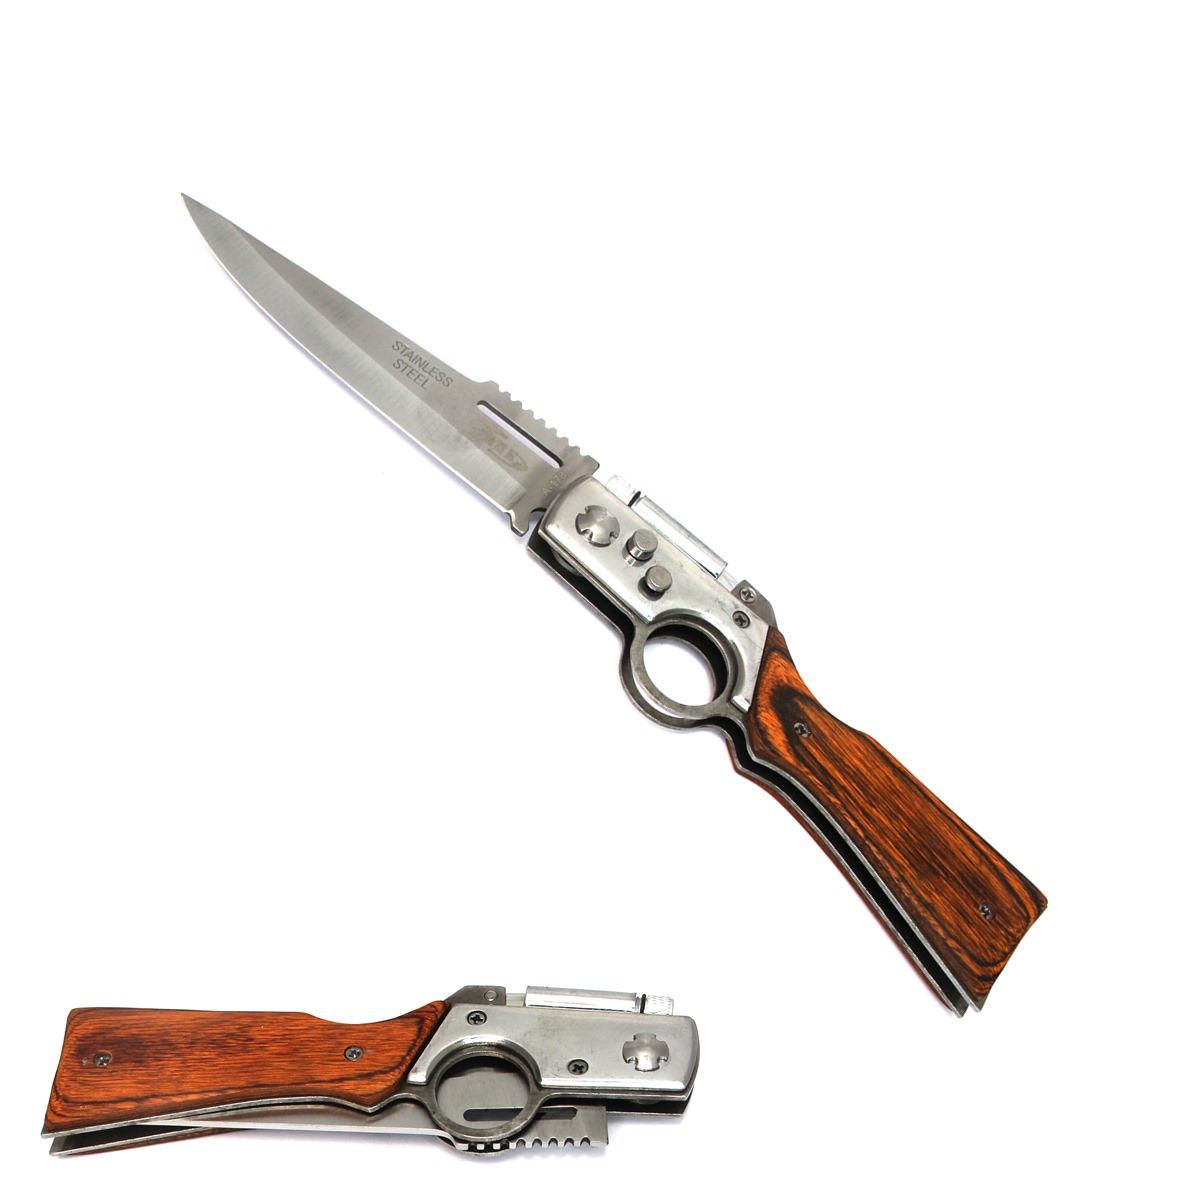 Canivete Esportivo Automático Caça Pesca Etc. T1-A178A